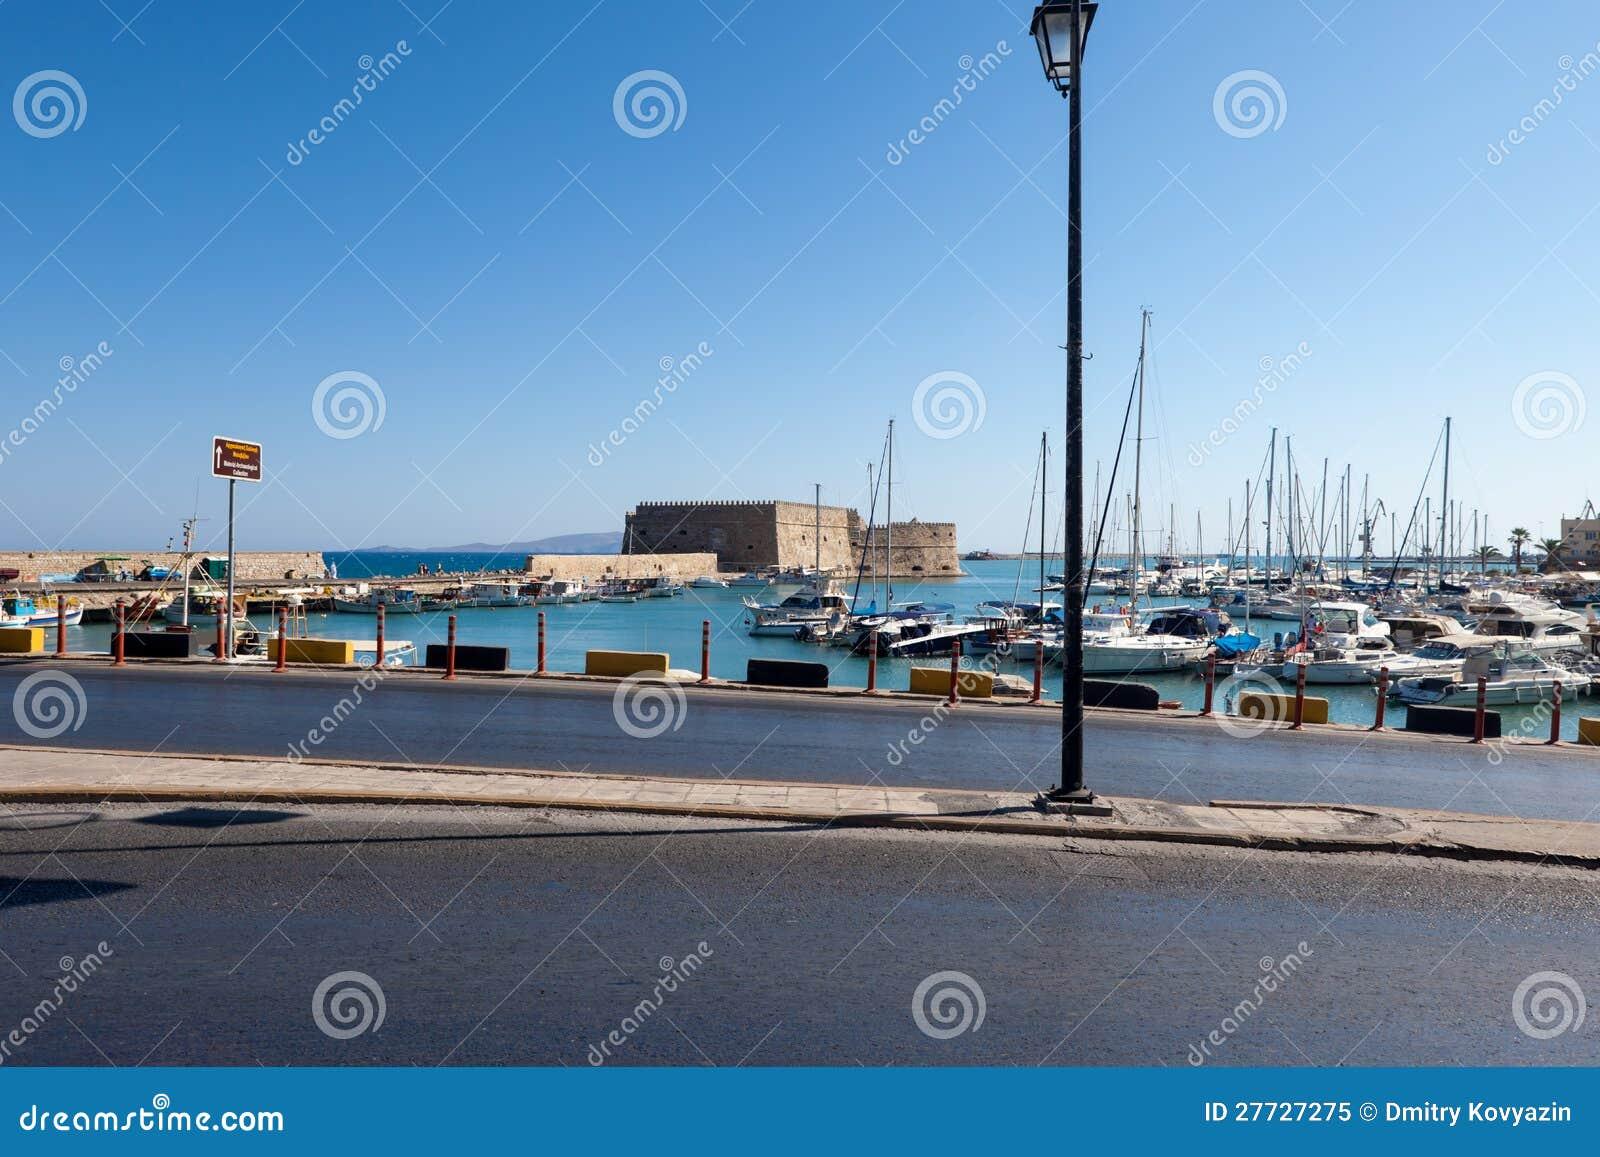 Die venetianische Festung Koules